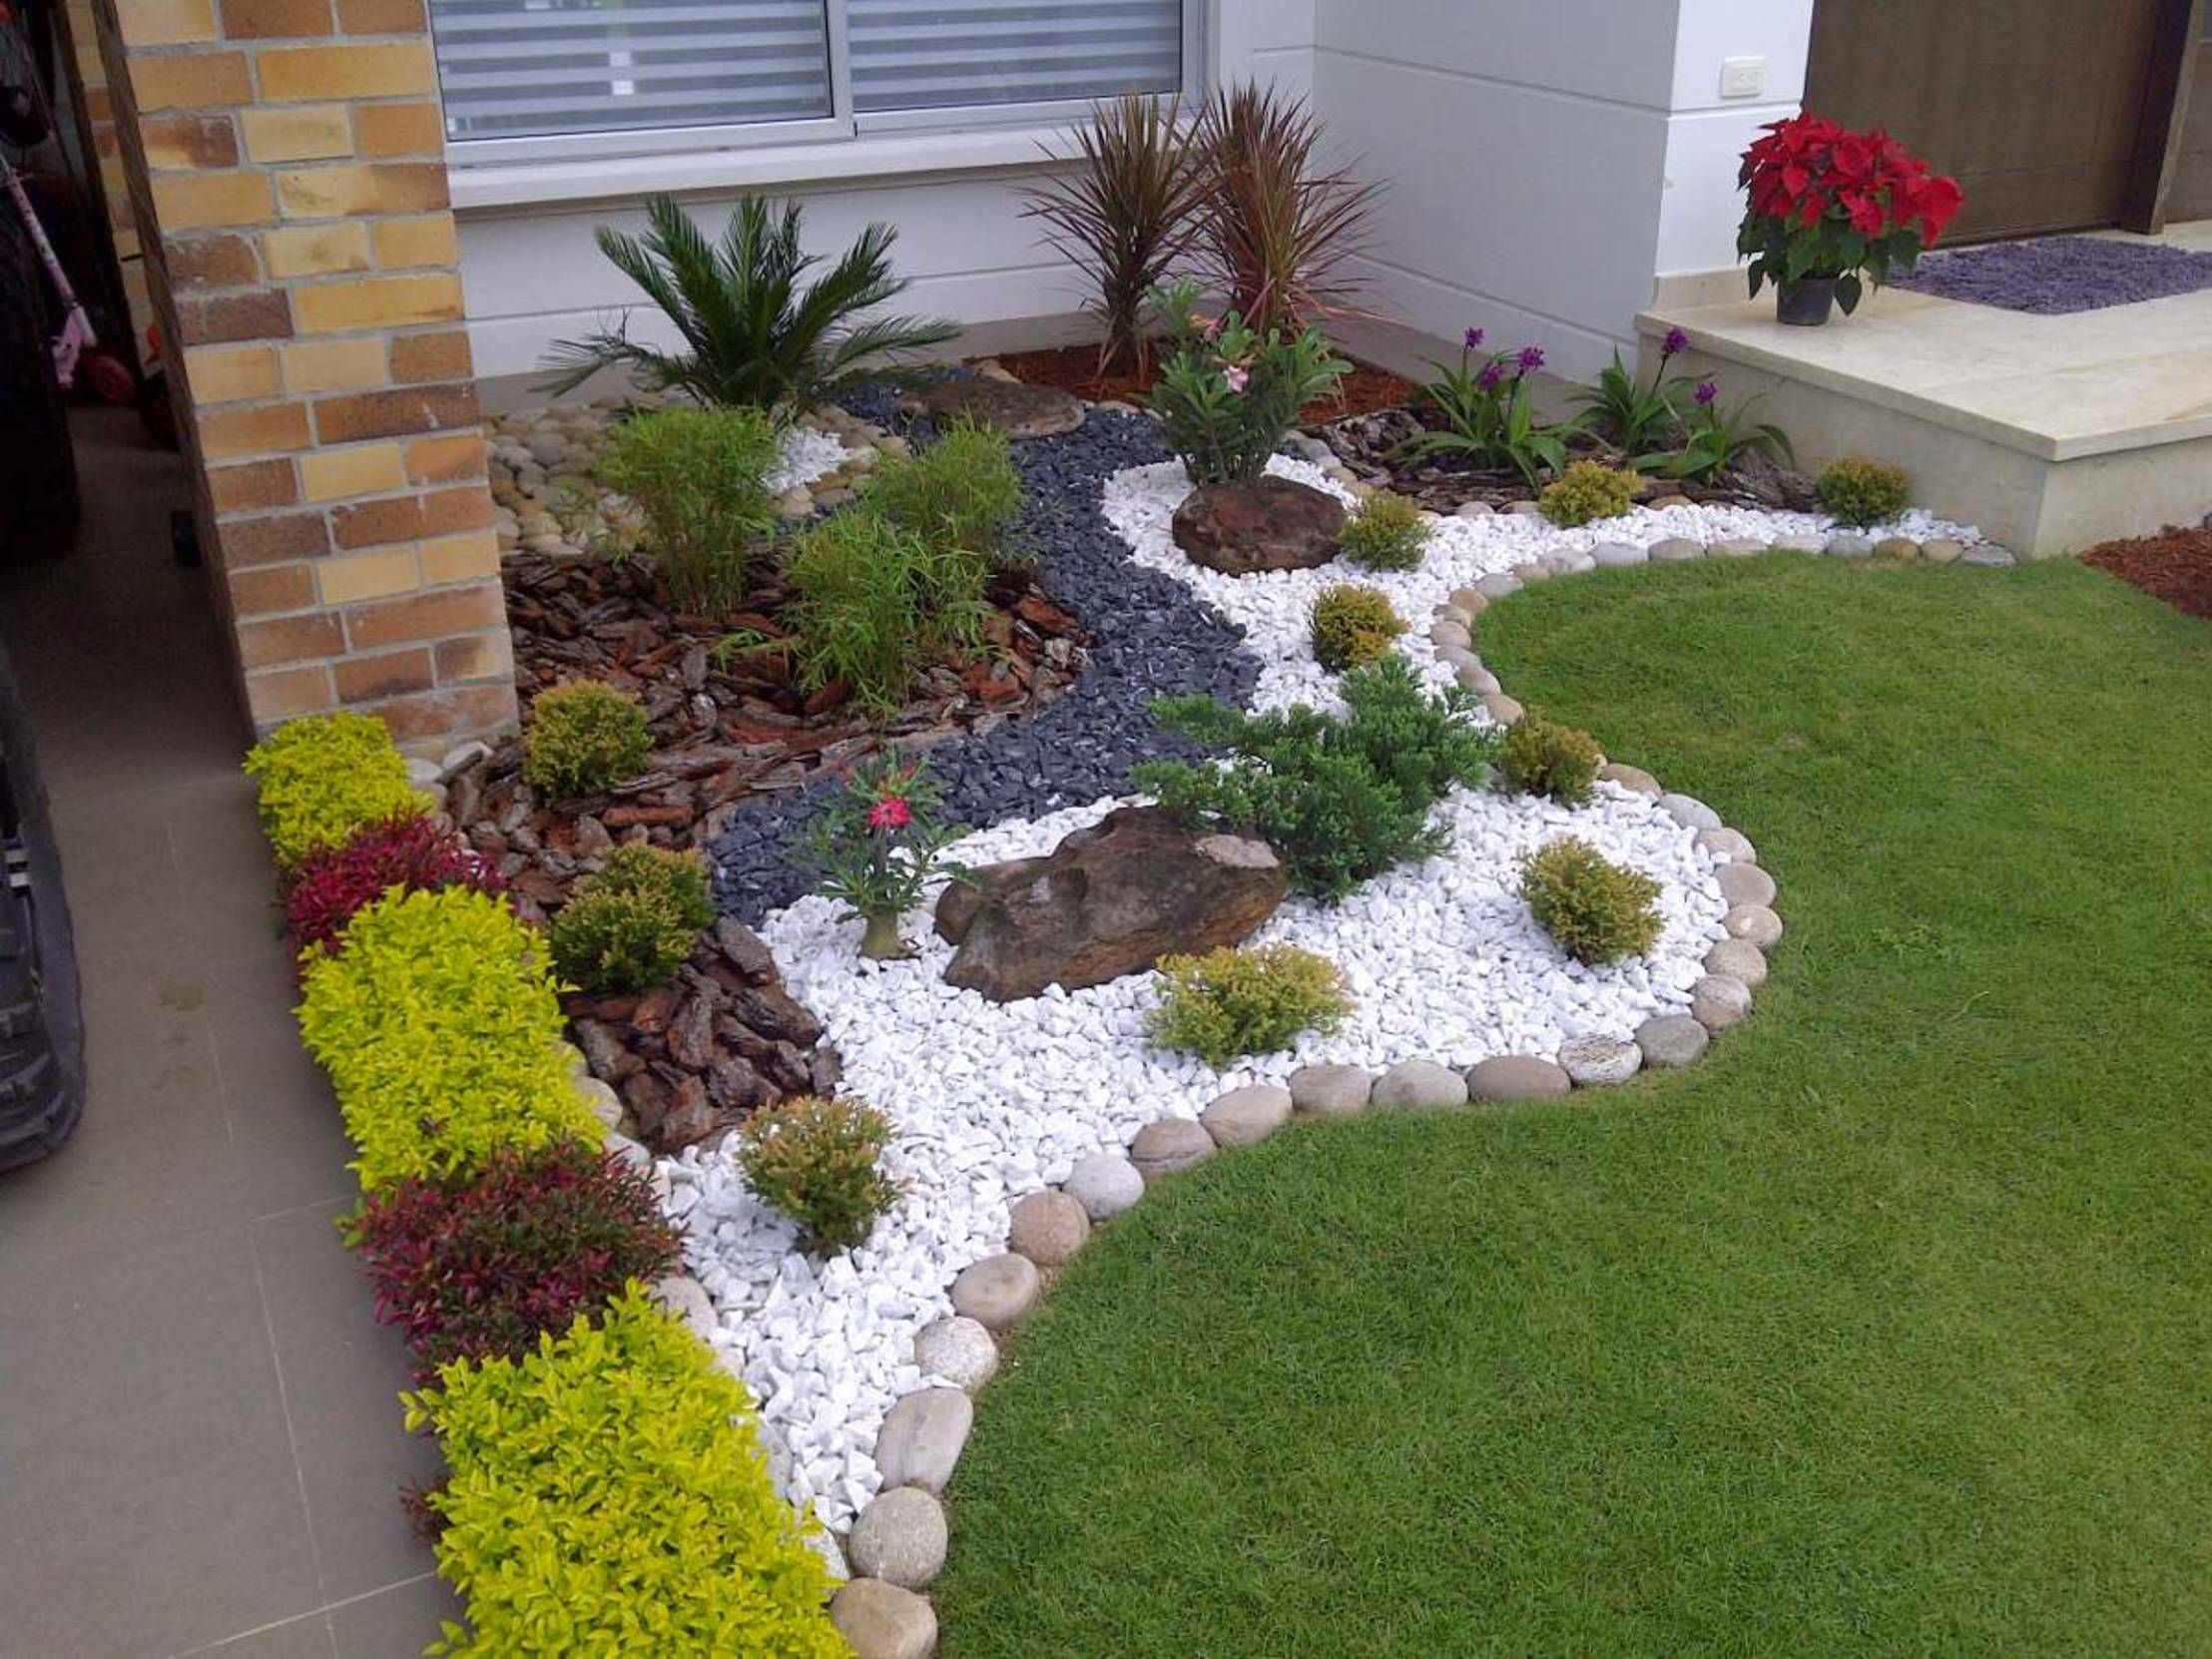 Blumenbeete anlegen: Tipps und Ideen für einen schönen Garten ...